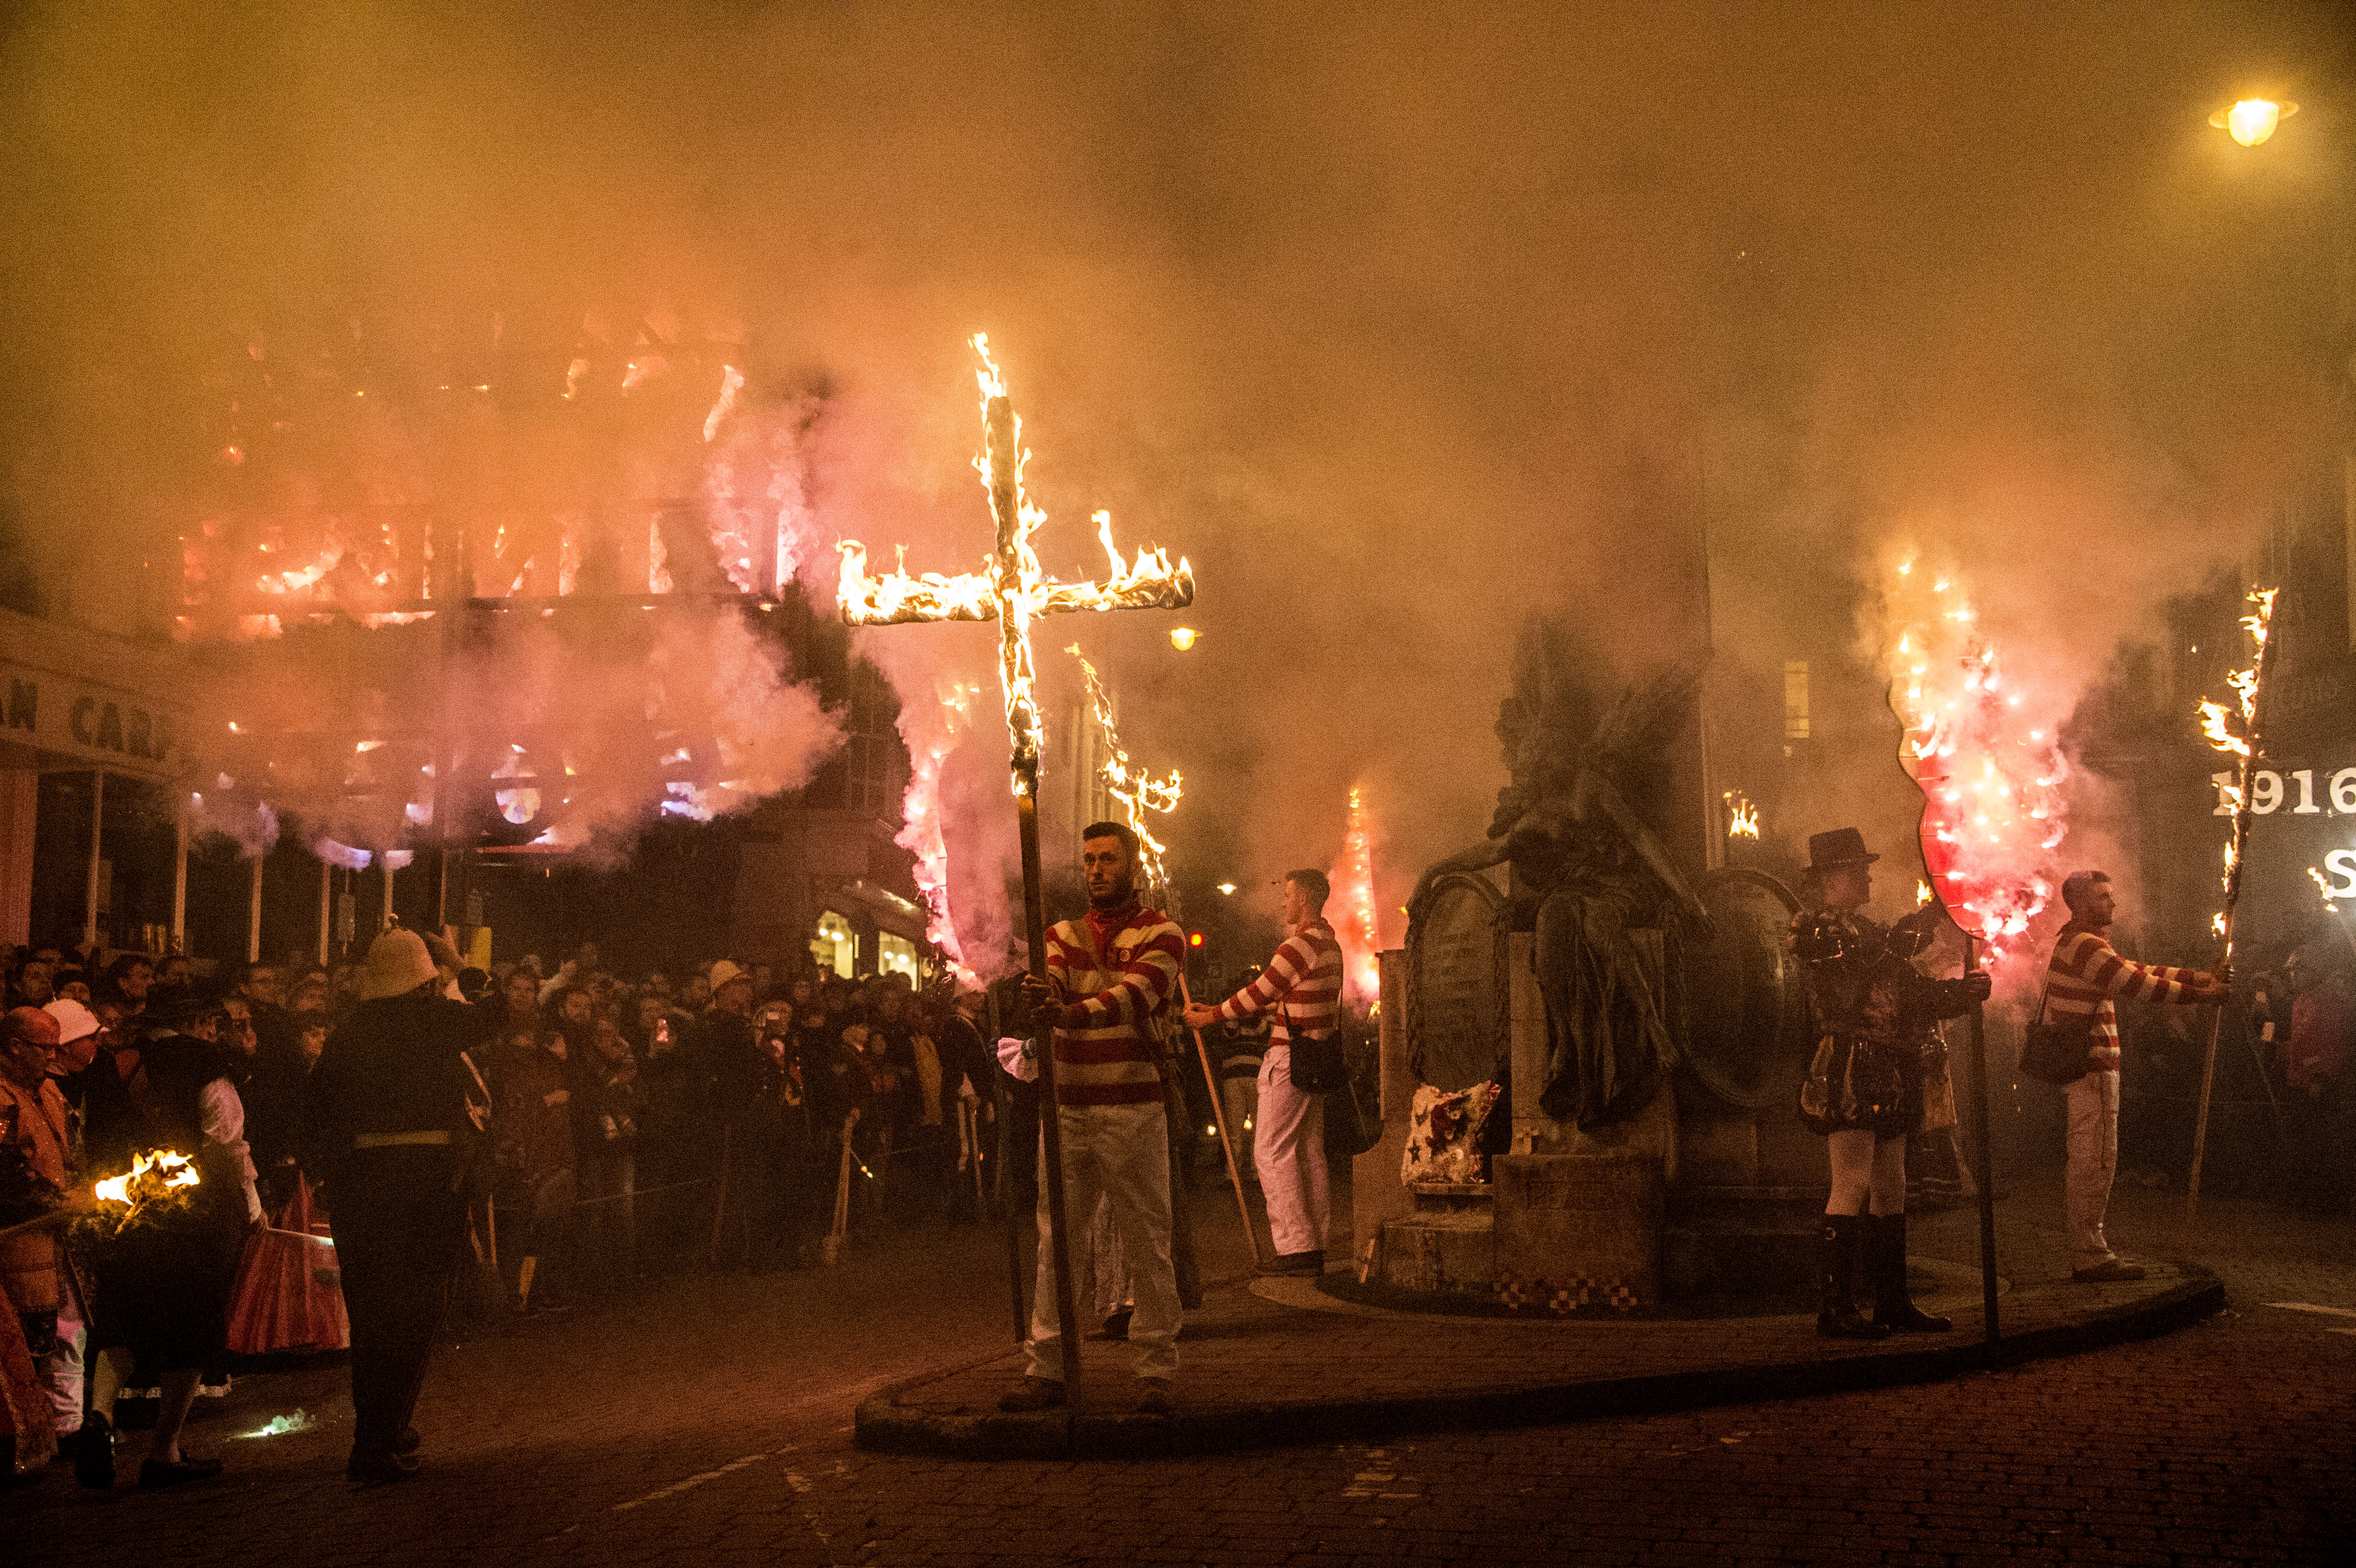 Lewes Bonfire 2016